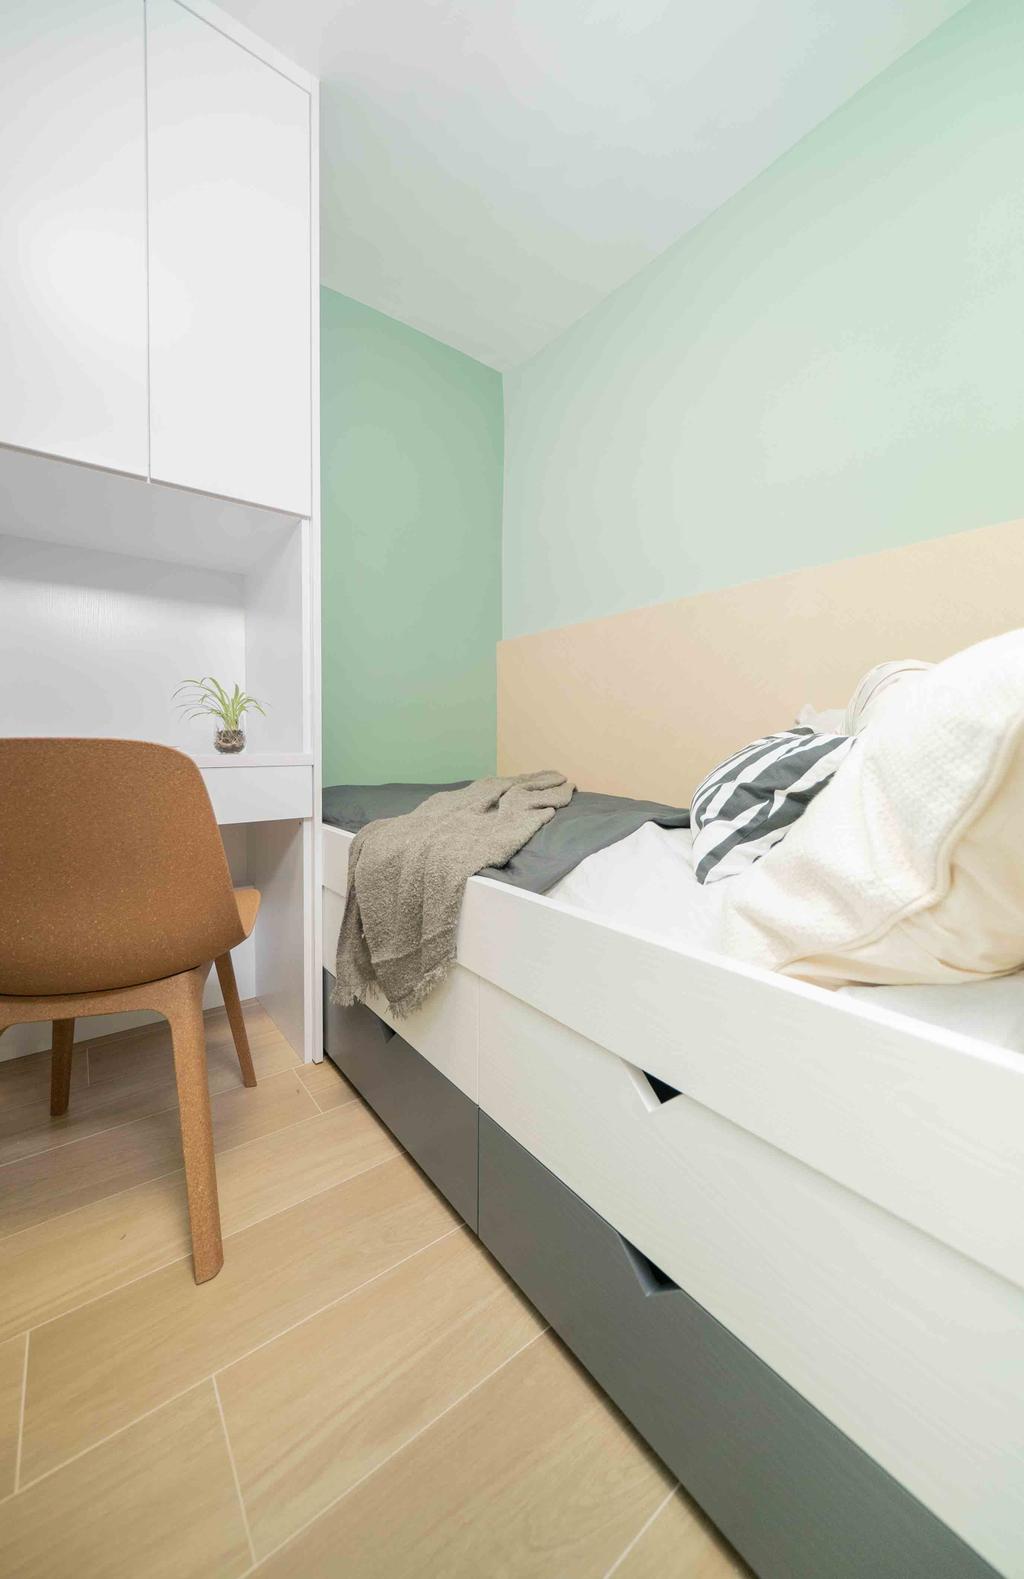 摩登, 公屋/居屋, 睡房, Patricia, 室內設計師, B.R.G. Interior Design, 北歐